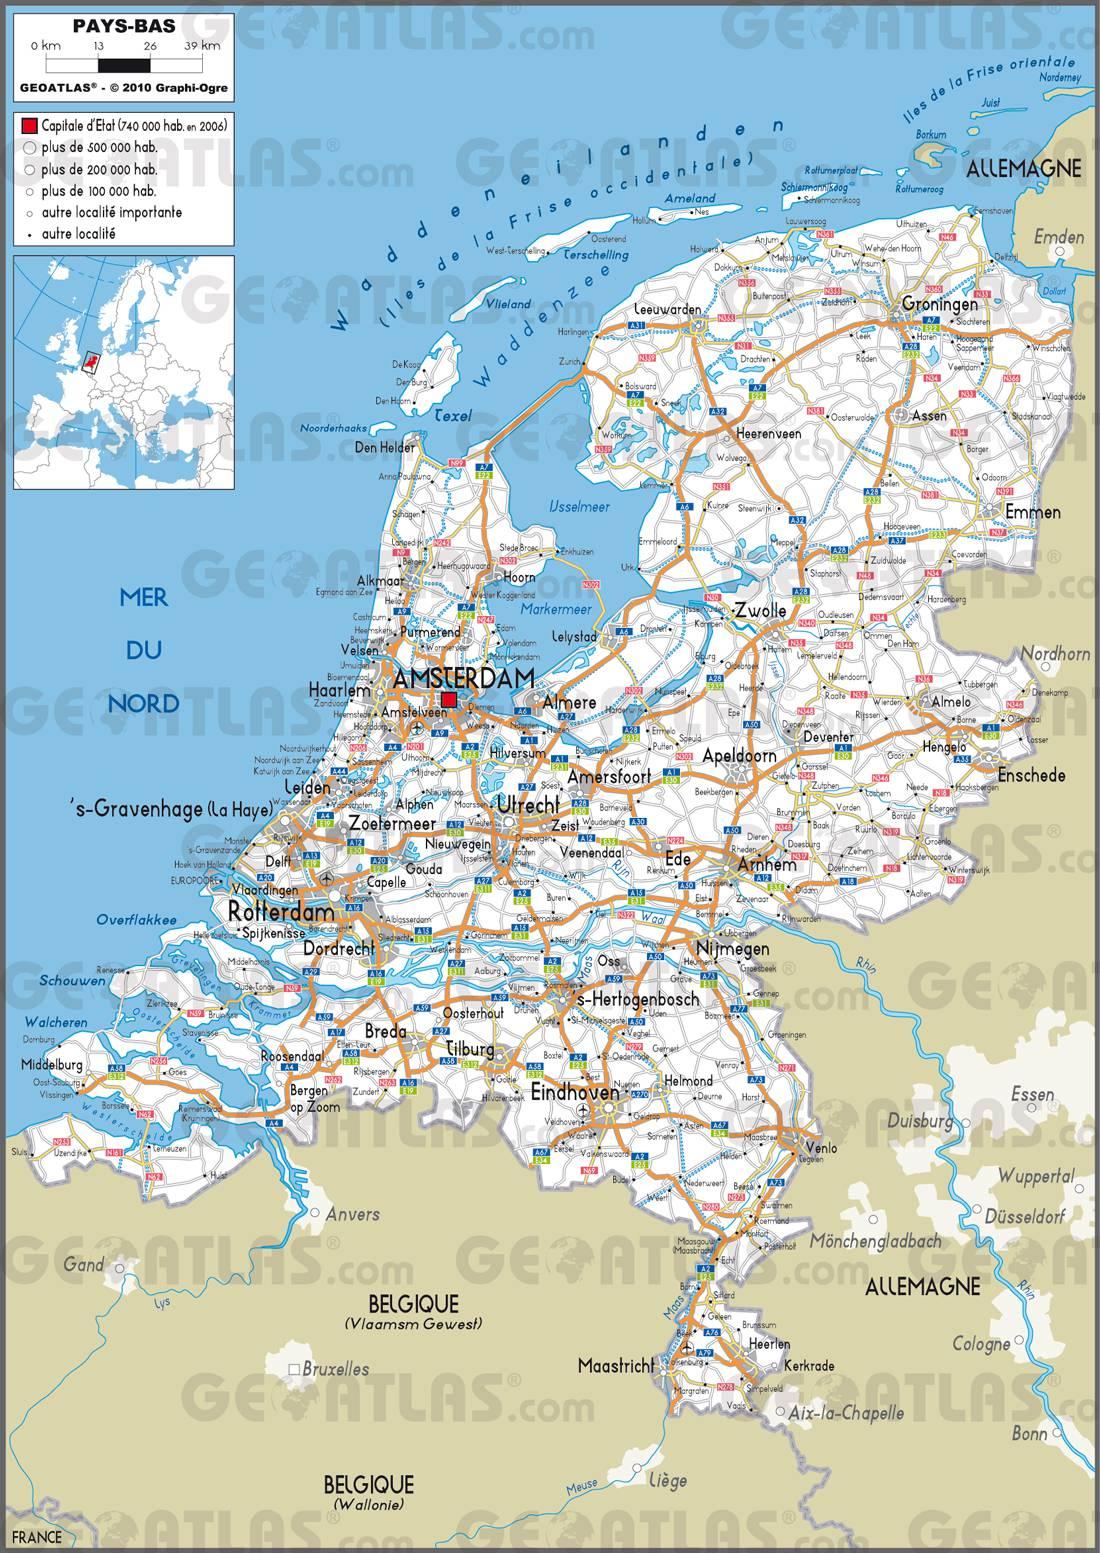 Carte administrative des Pays-Bas